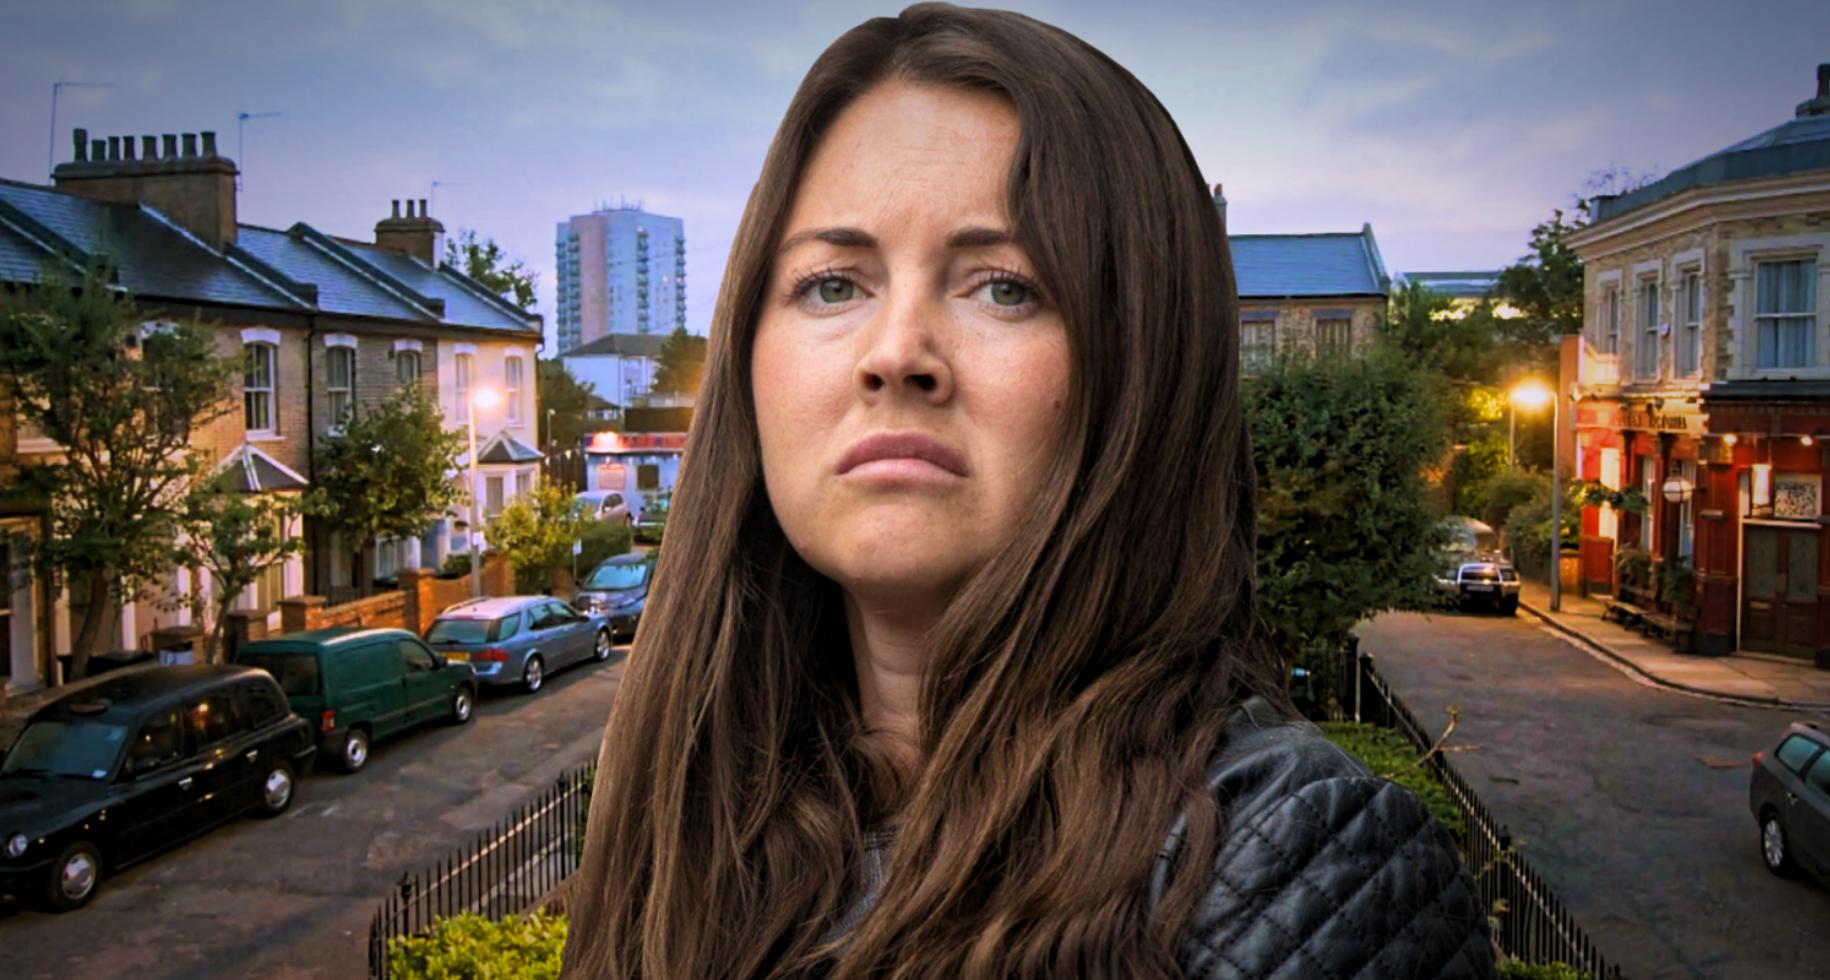 EastEnders spoilers: Stacey Fowler's big return storyline revealed?